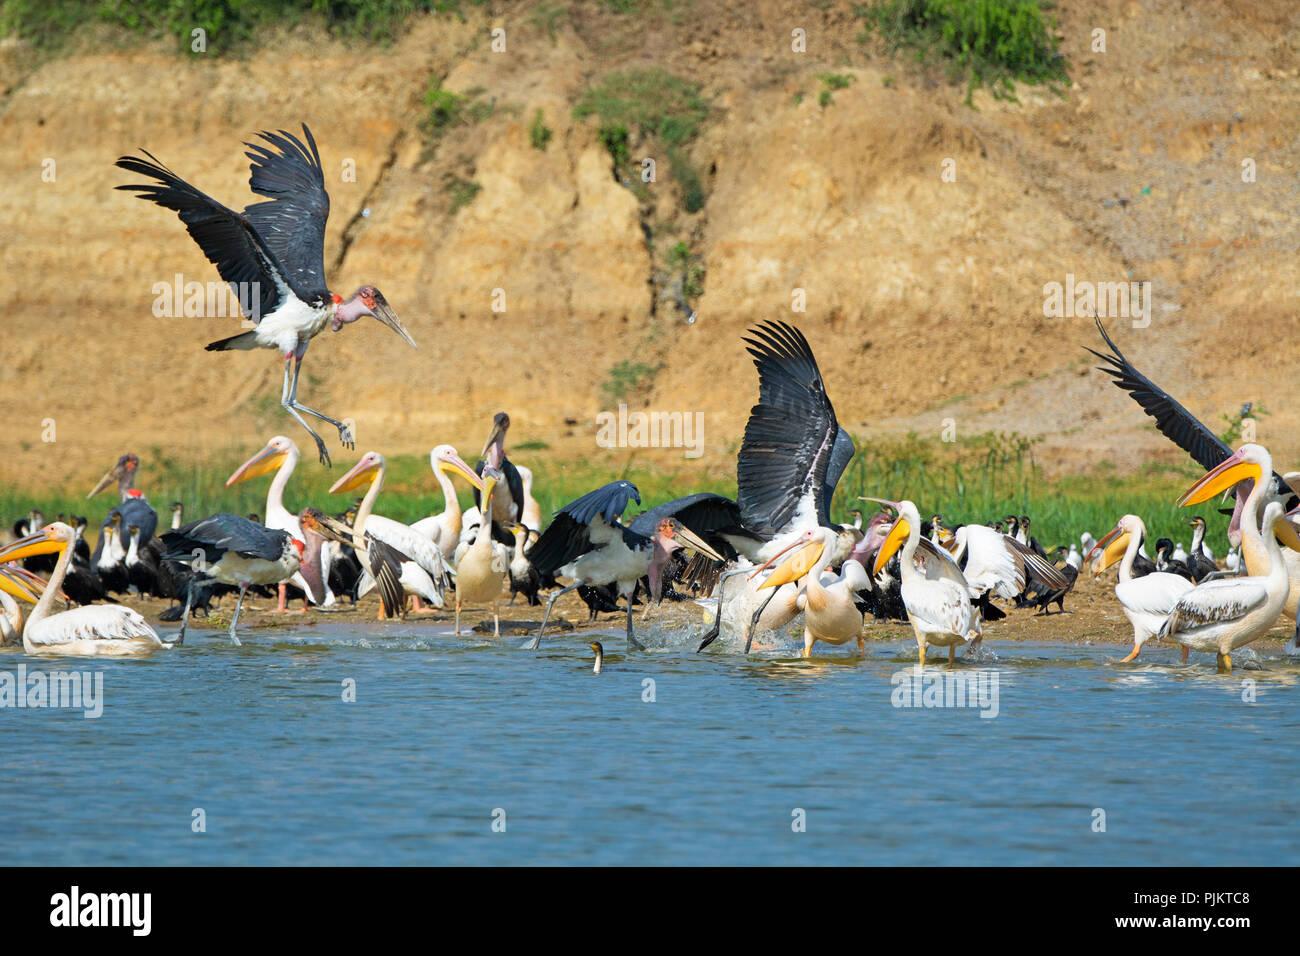 Great White Pelican, Pélicans, Aigrettes, Cormorans à poitrine blanche et Marabou Cigognes, oiseaux, Canal Kazinga Parc national Queen Elizabeth, en Ouganda Photo Stock